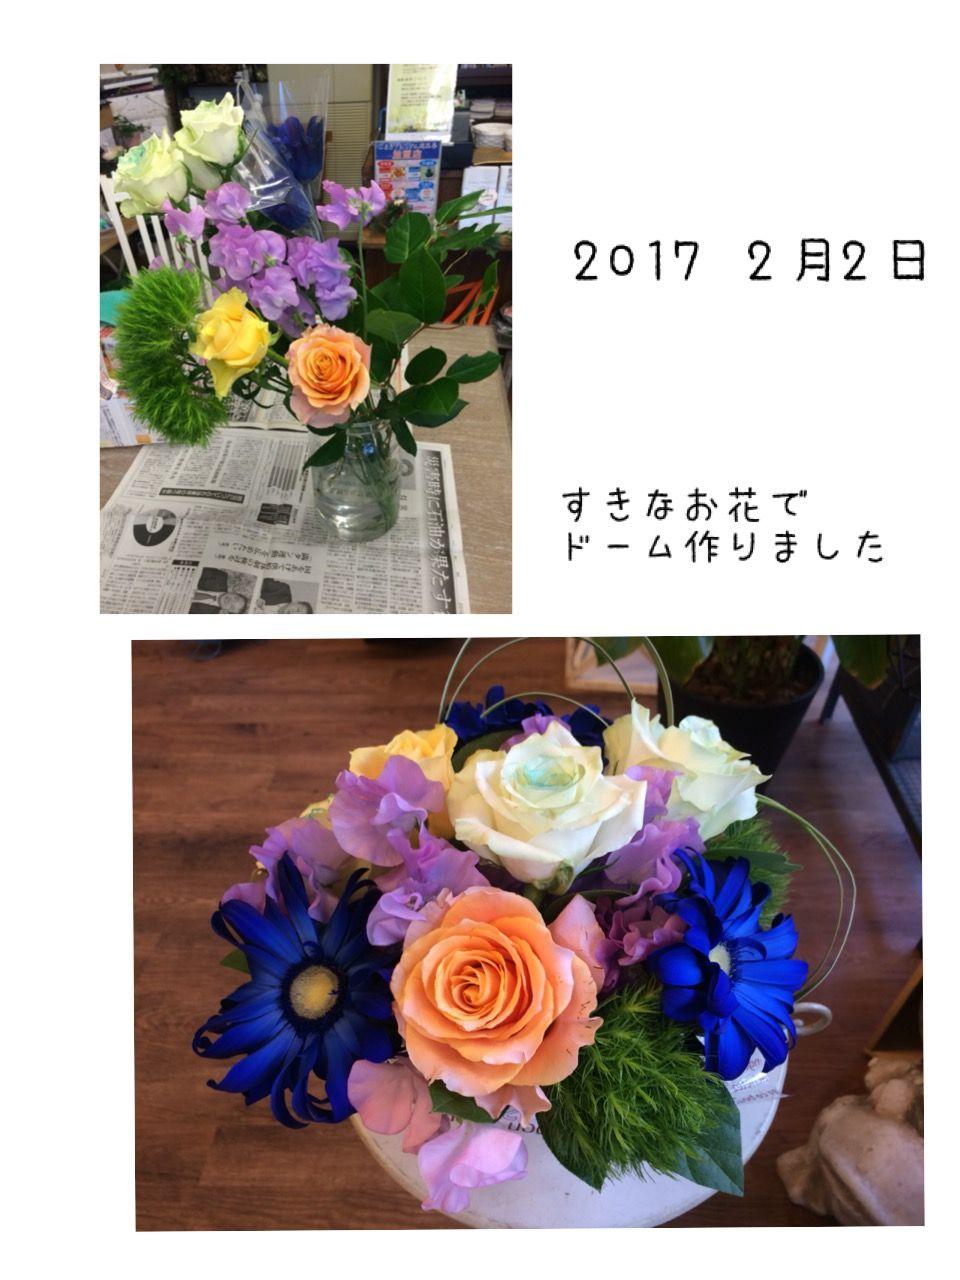 2017 2月2日 【千の草】の ゆきほ先生にご指導いただき 作らせていただきました♡  お花は五感のすべてを刺激してくれます、と 先生 生花は癒されるから 私は大好きです❣️